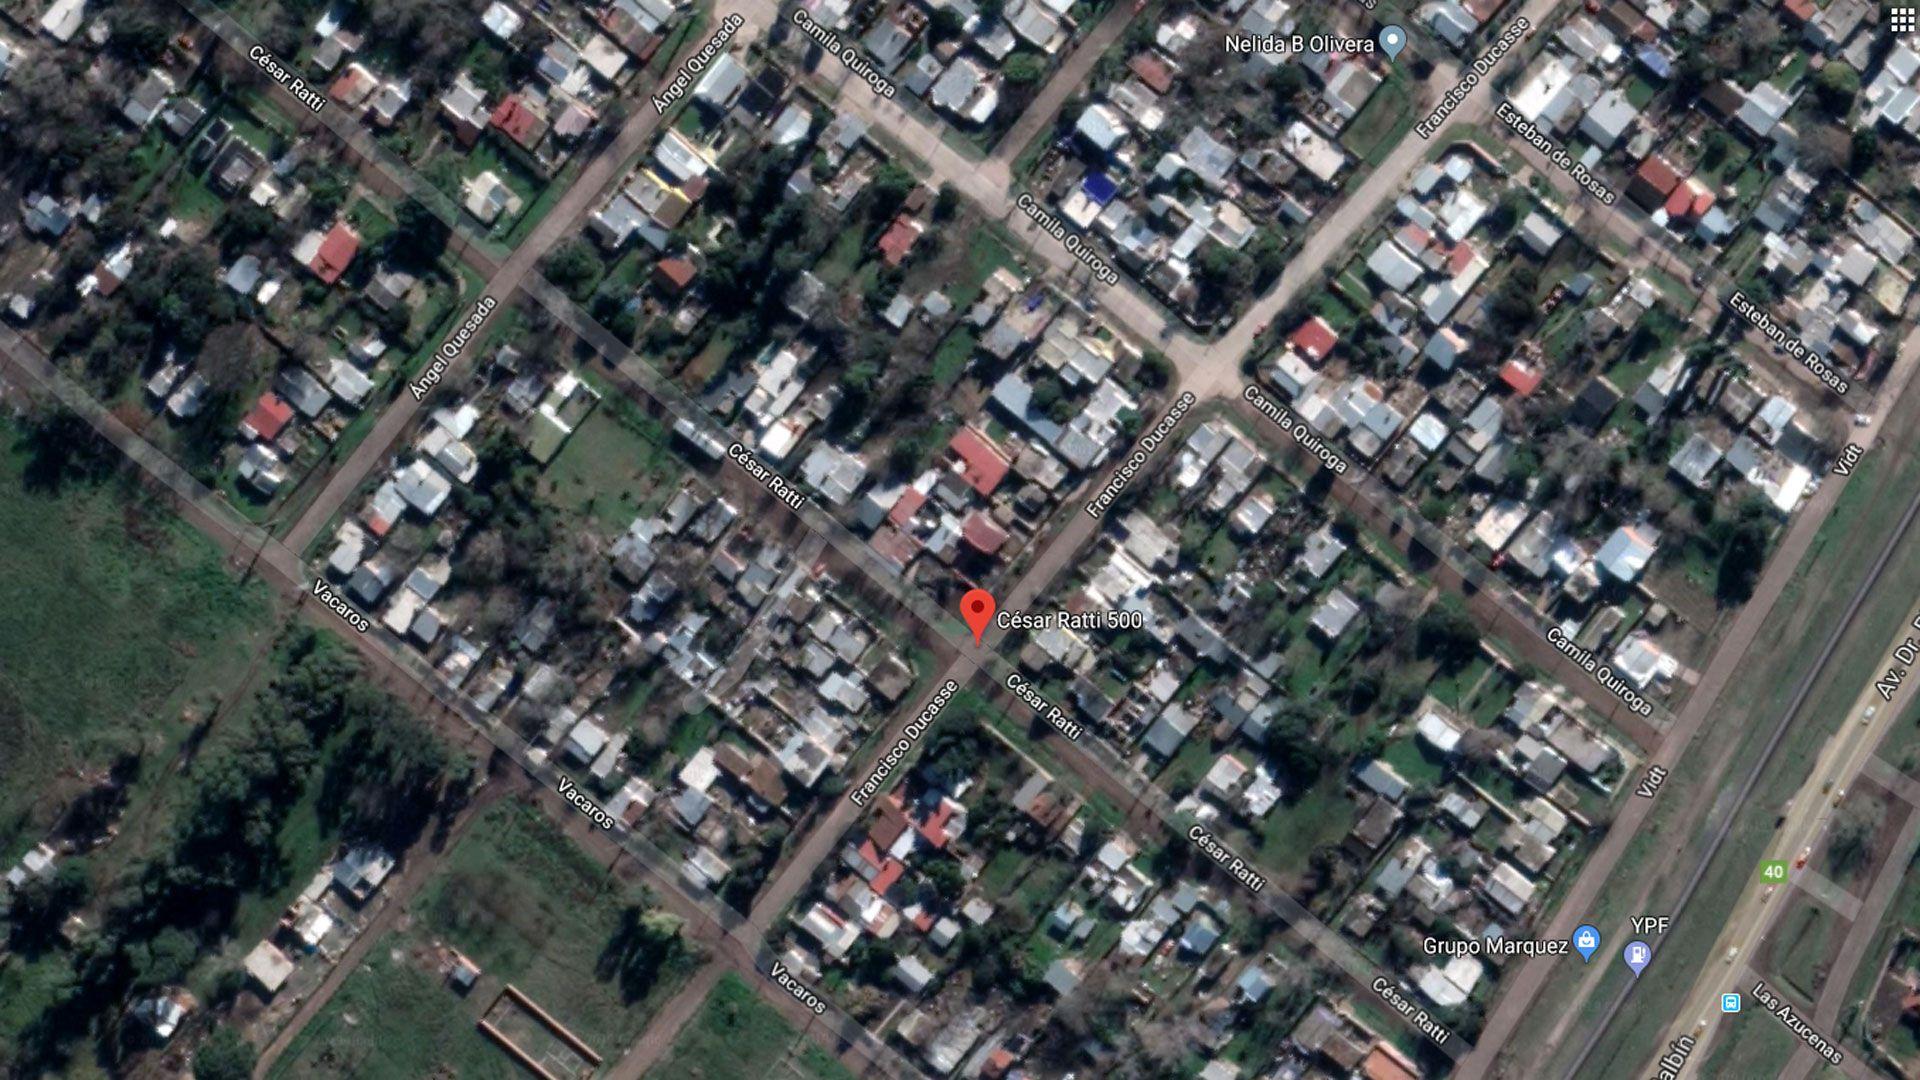 La vivienda familiar estaba ubicada en la calle César Ratti al 500 de Mariano Acosta